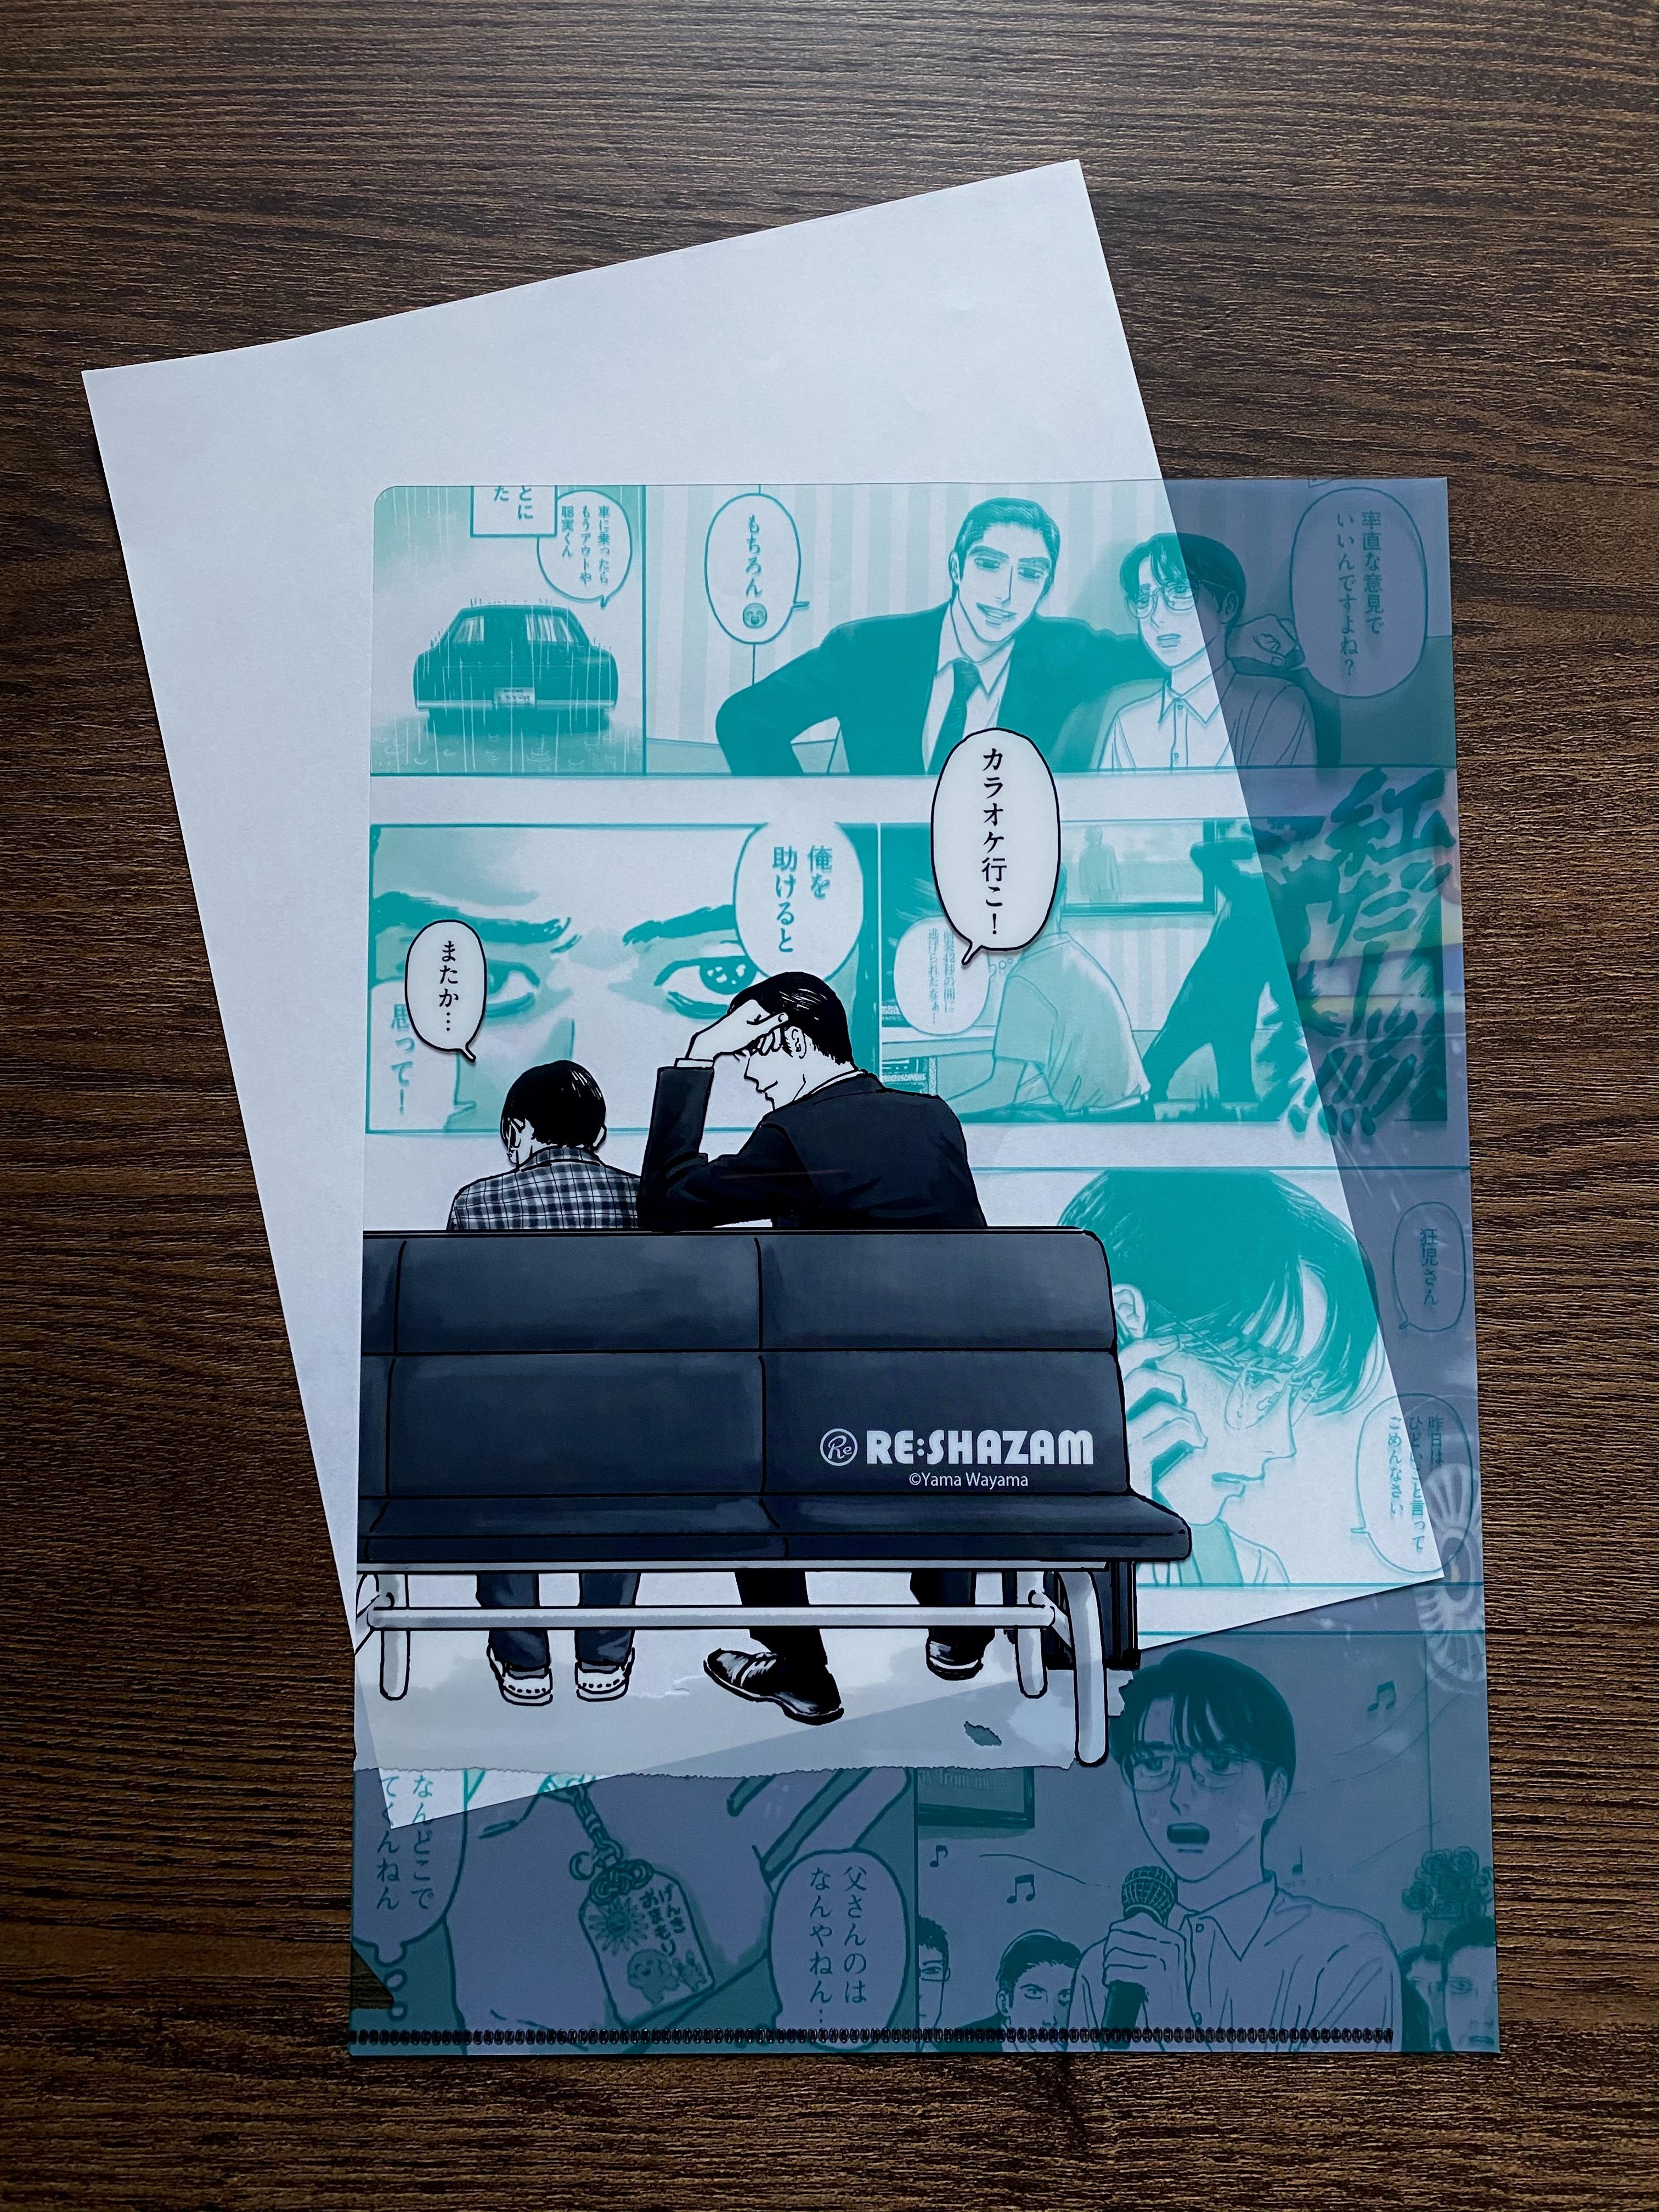 【和山やま】A4クリアファイル3種セット(内1種 描き下ろしイラスト)